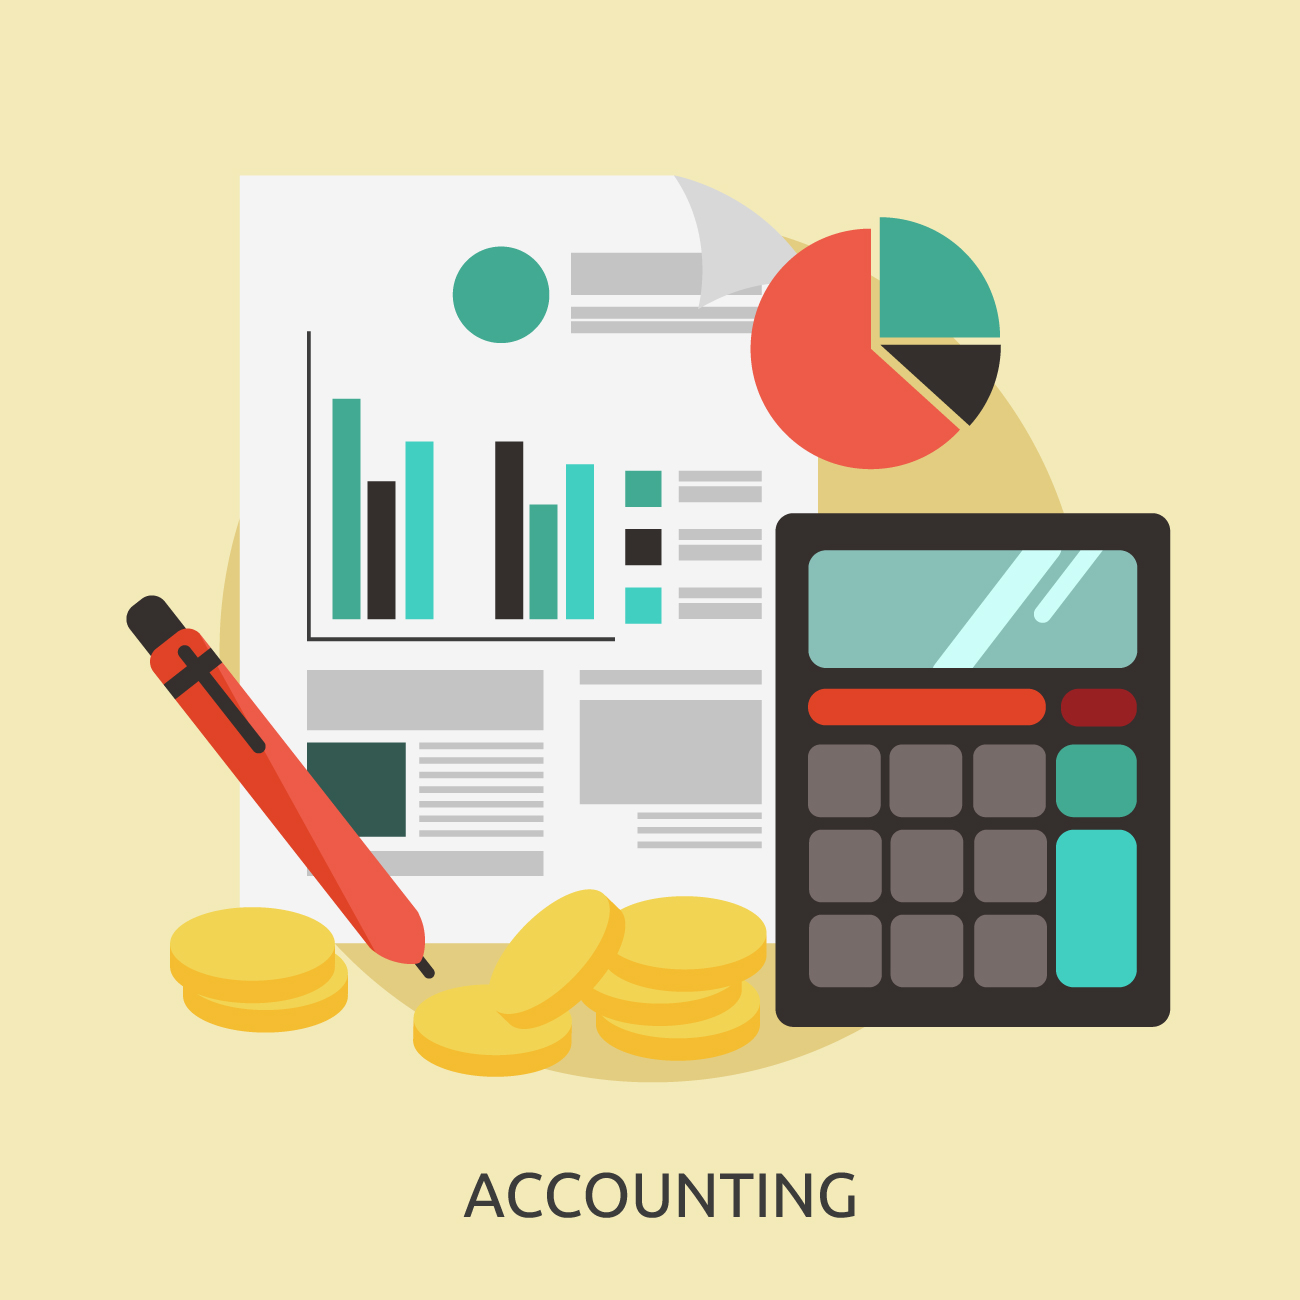 لزوم استفاده از نرم افزارهای  حسابداری و مالی چیست؟